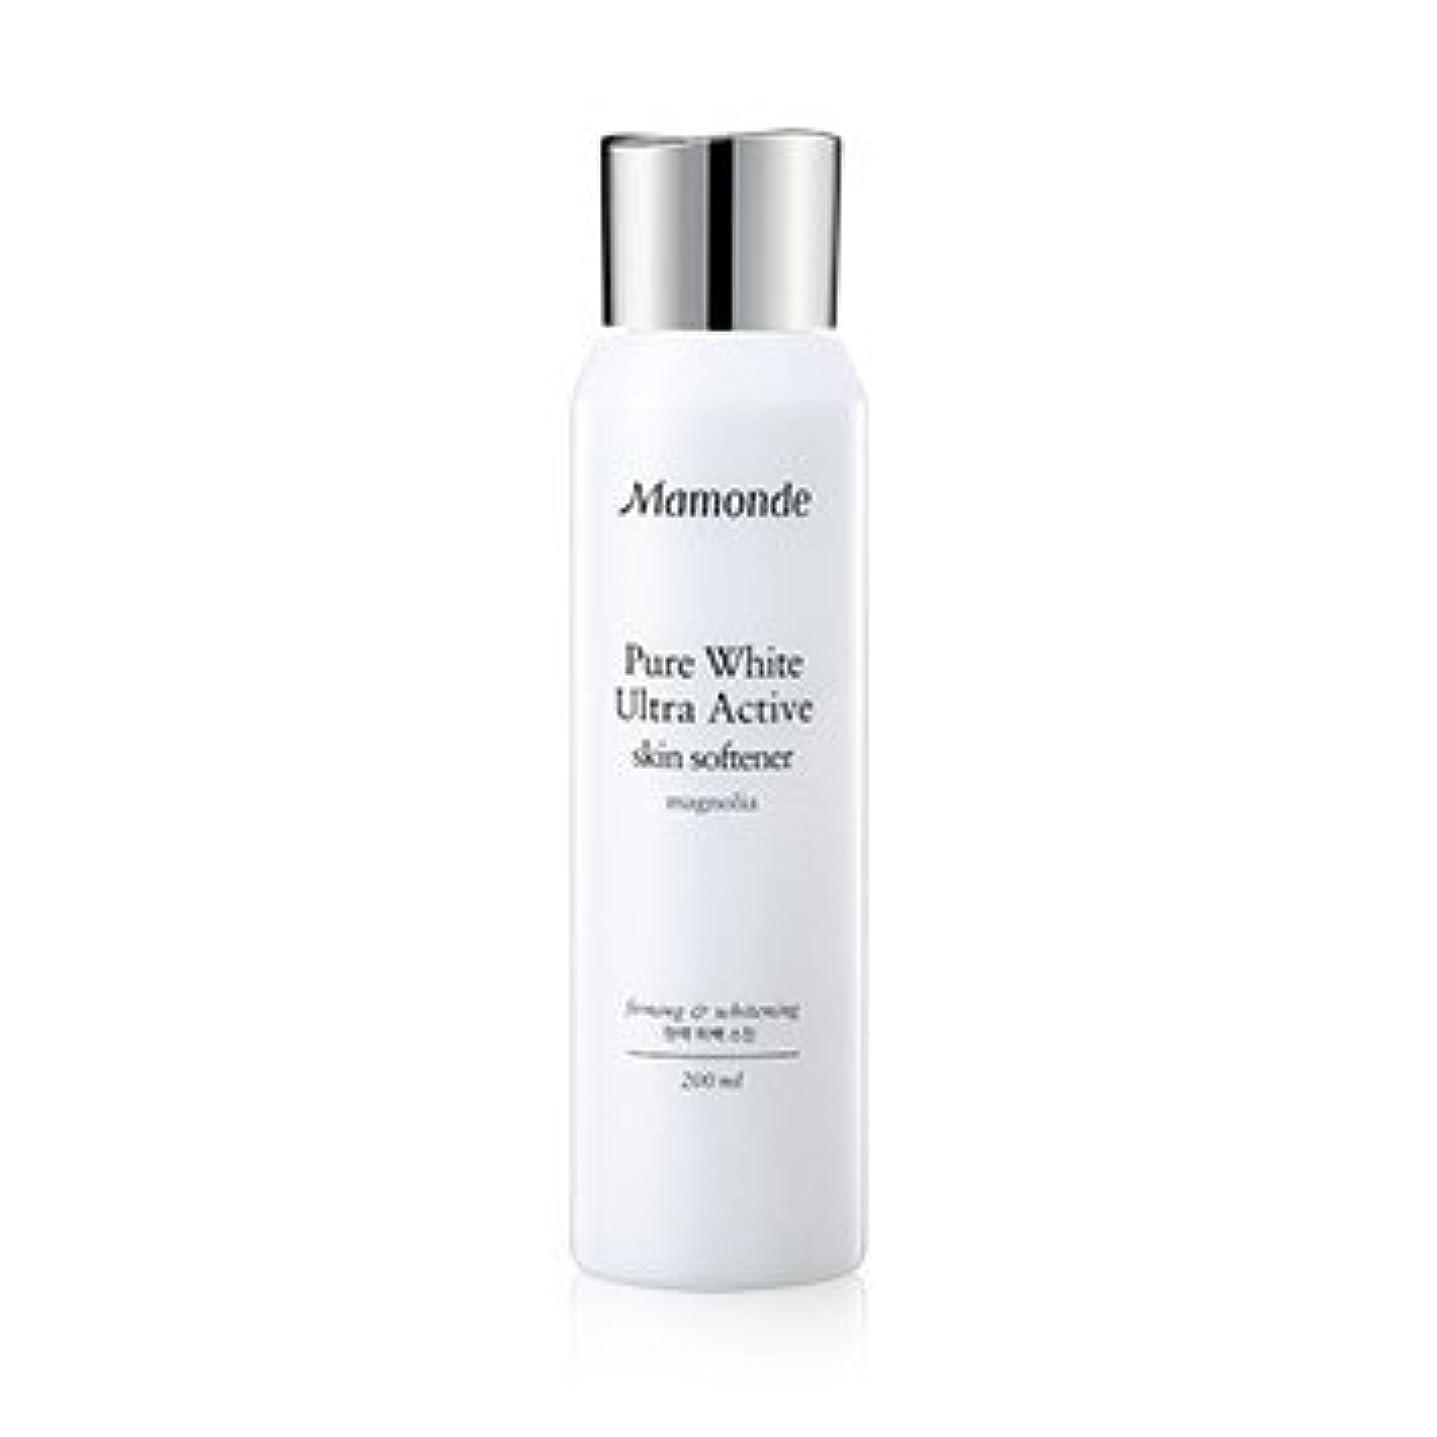 熟読する暗殺拡大するMamonde Pure White Ultra Active Skin Softener 200ml/マモンド ピュア ホワイト ウルトラ アクティブ スキン ソフナー 200ml [並行輸入品]